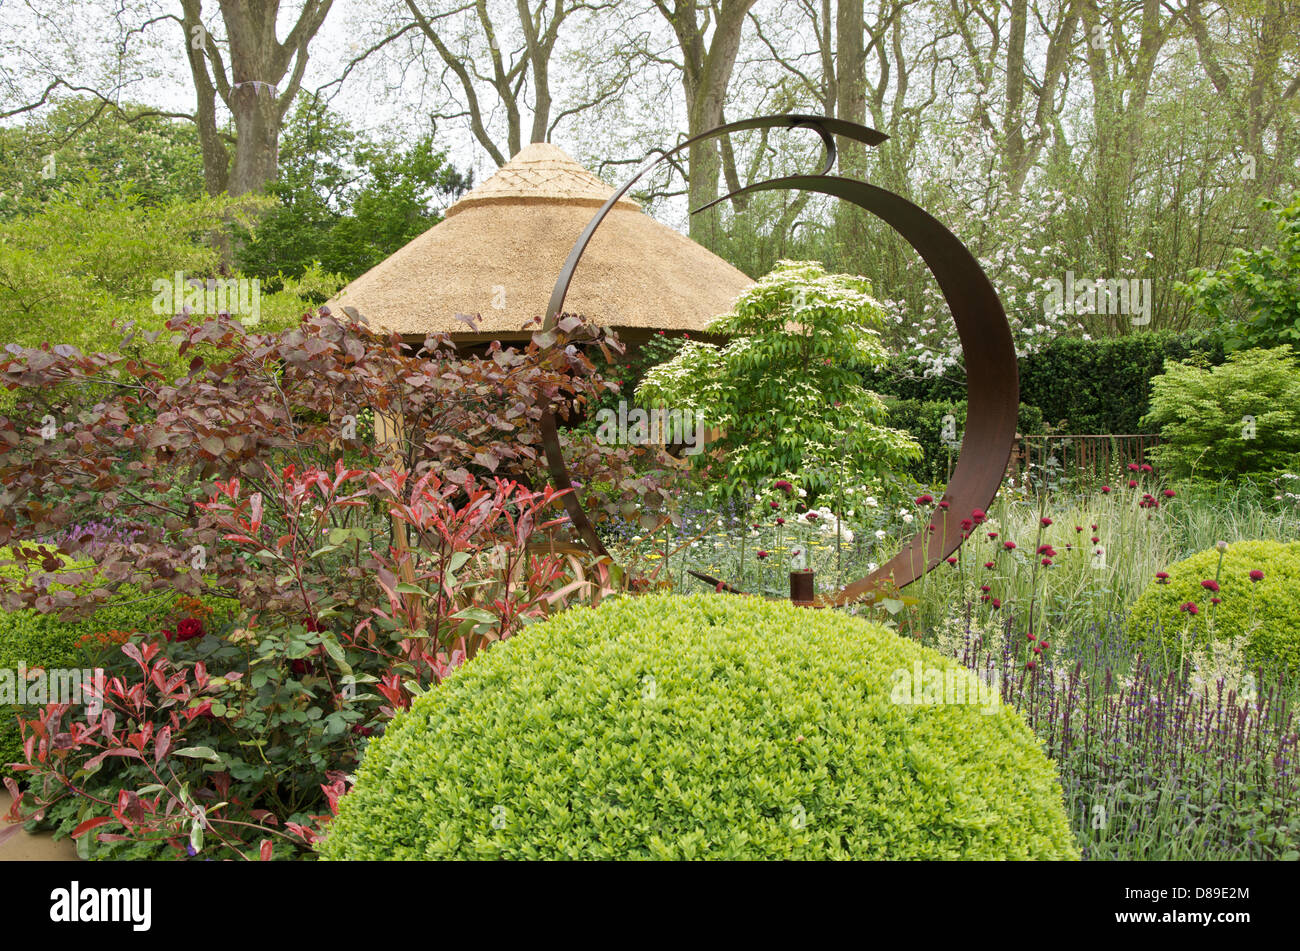 L'acciaio Corten scultura in M&G Centenario Giardino Windows attraverso il tempo' giardino alla RHS Chelsea Flower Foto Stock